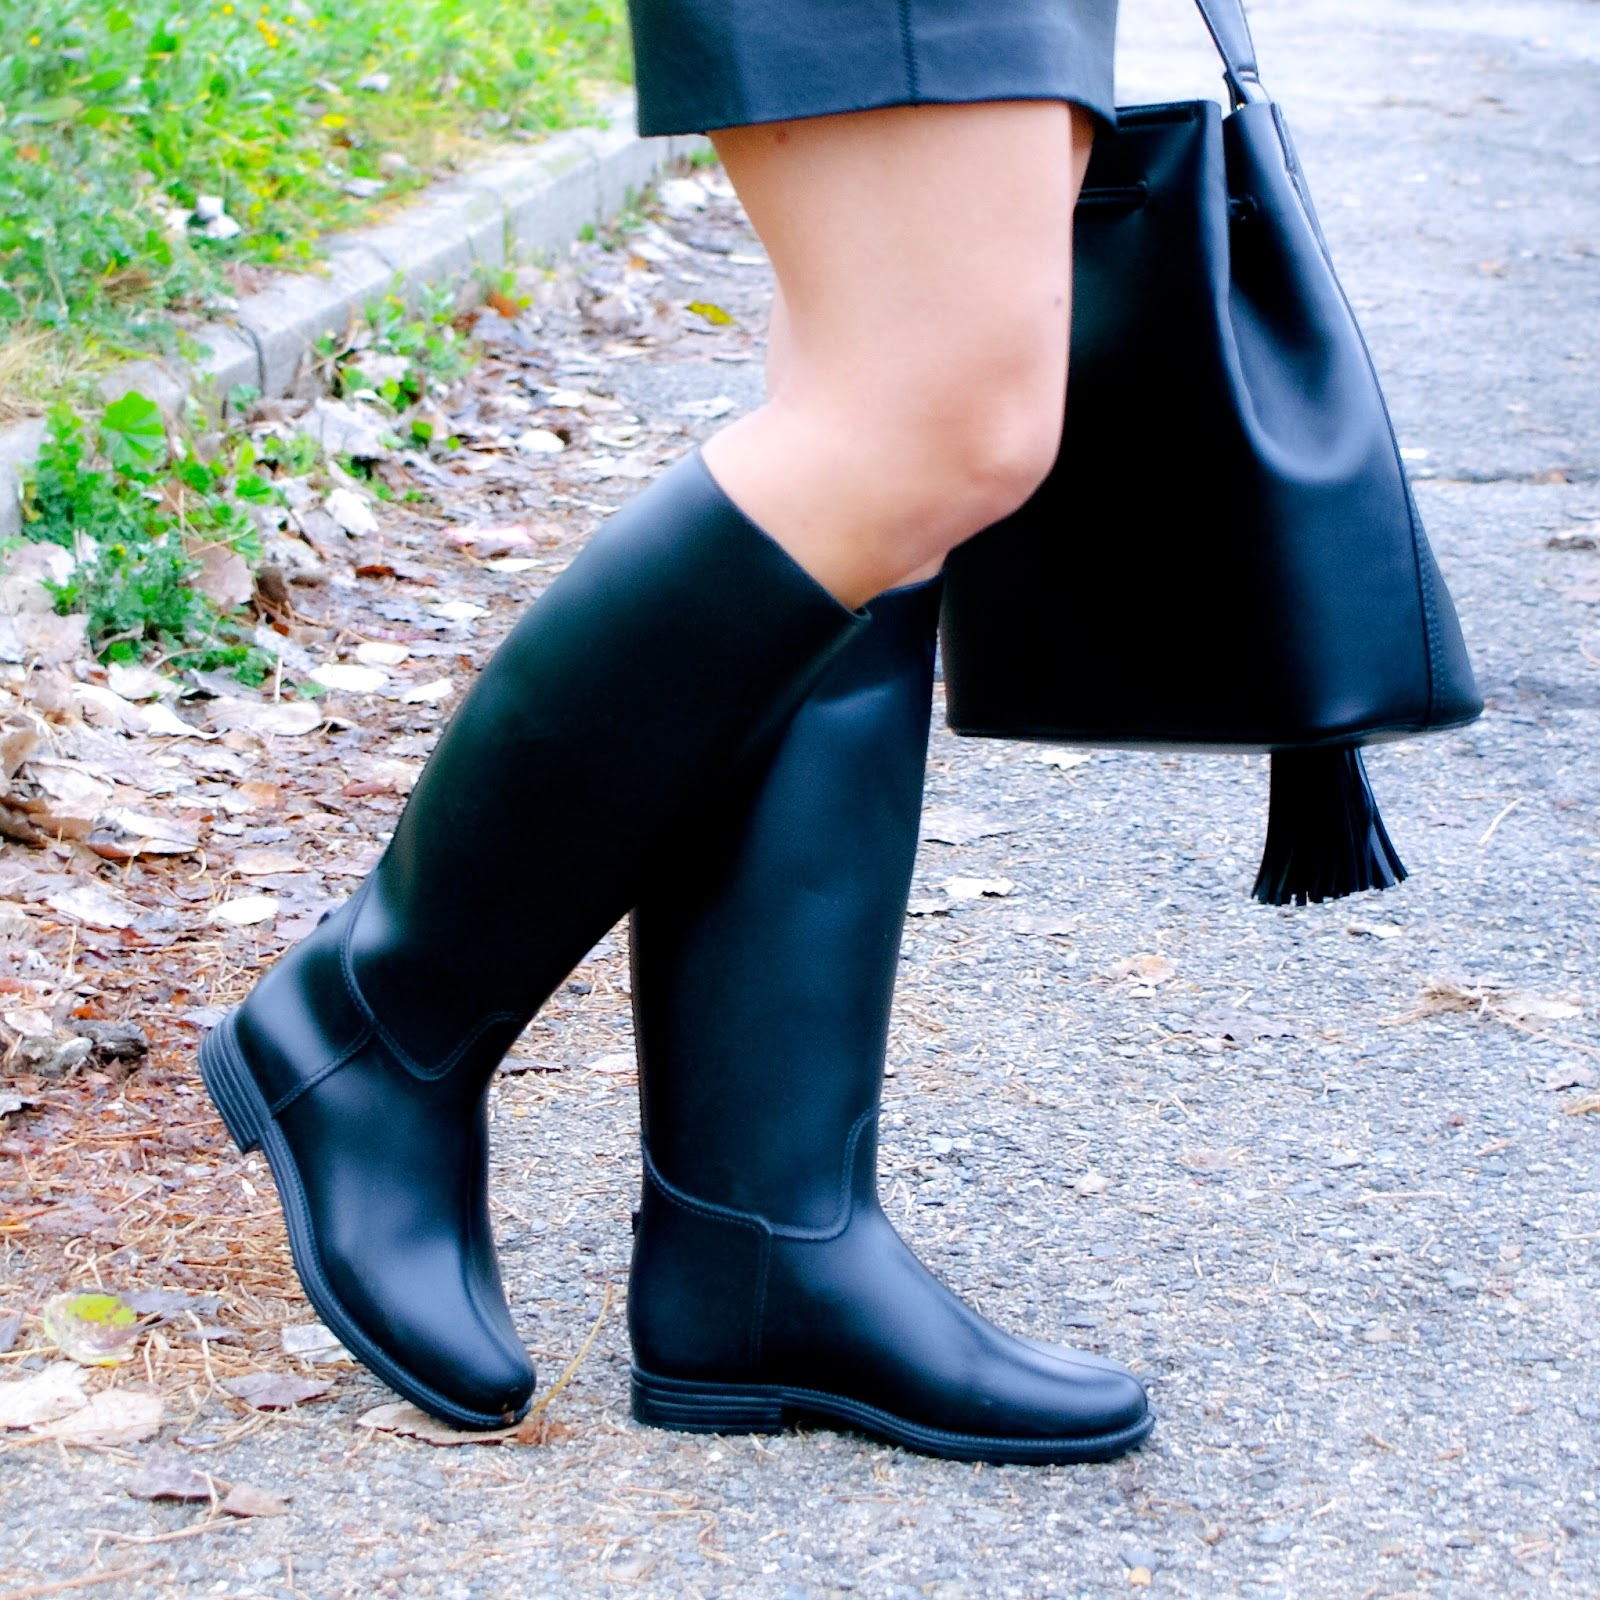 última colección bajo precio comprar baratas La Caprichossa   Mi Diario Runner   Blog de moda, belleza ...